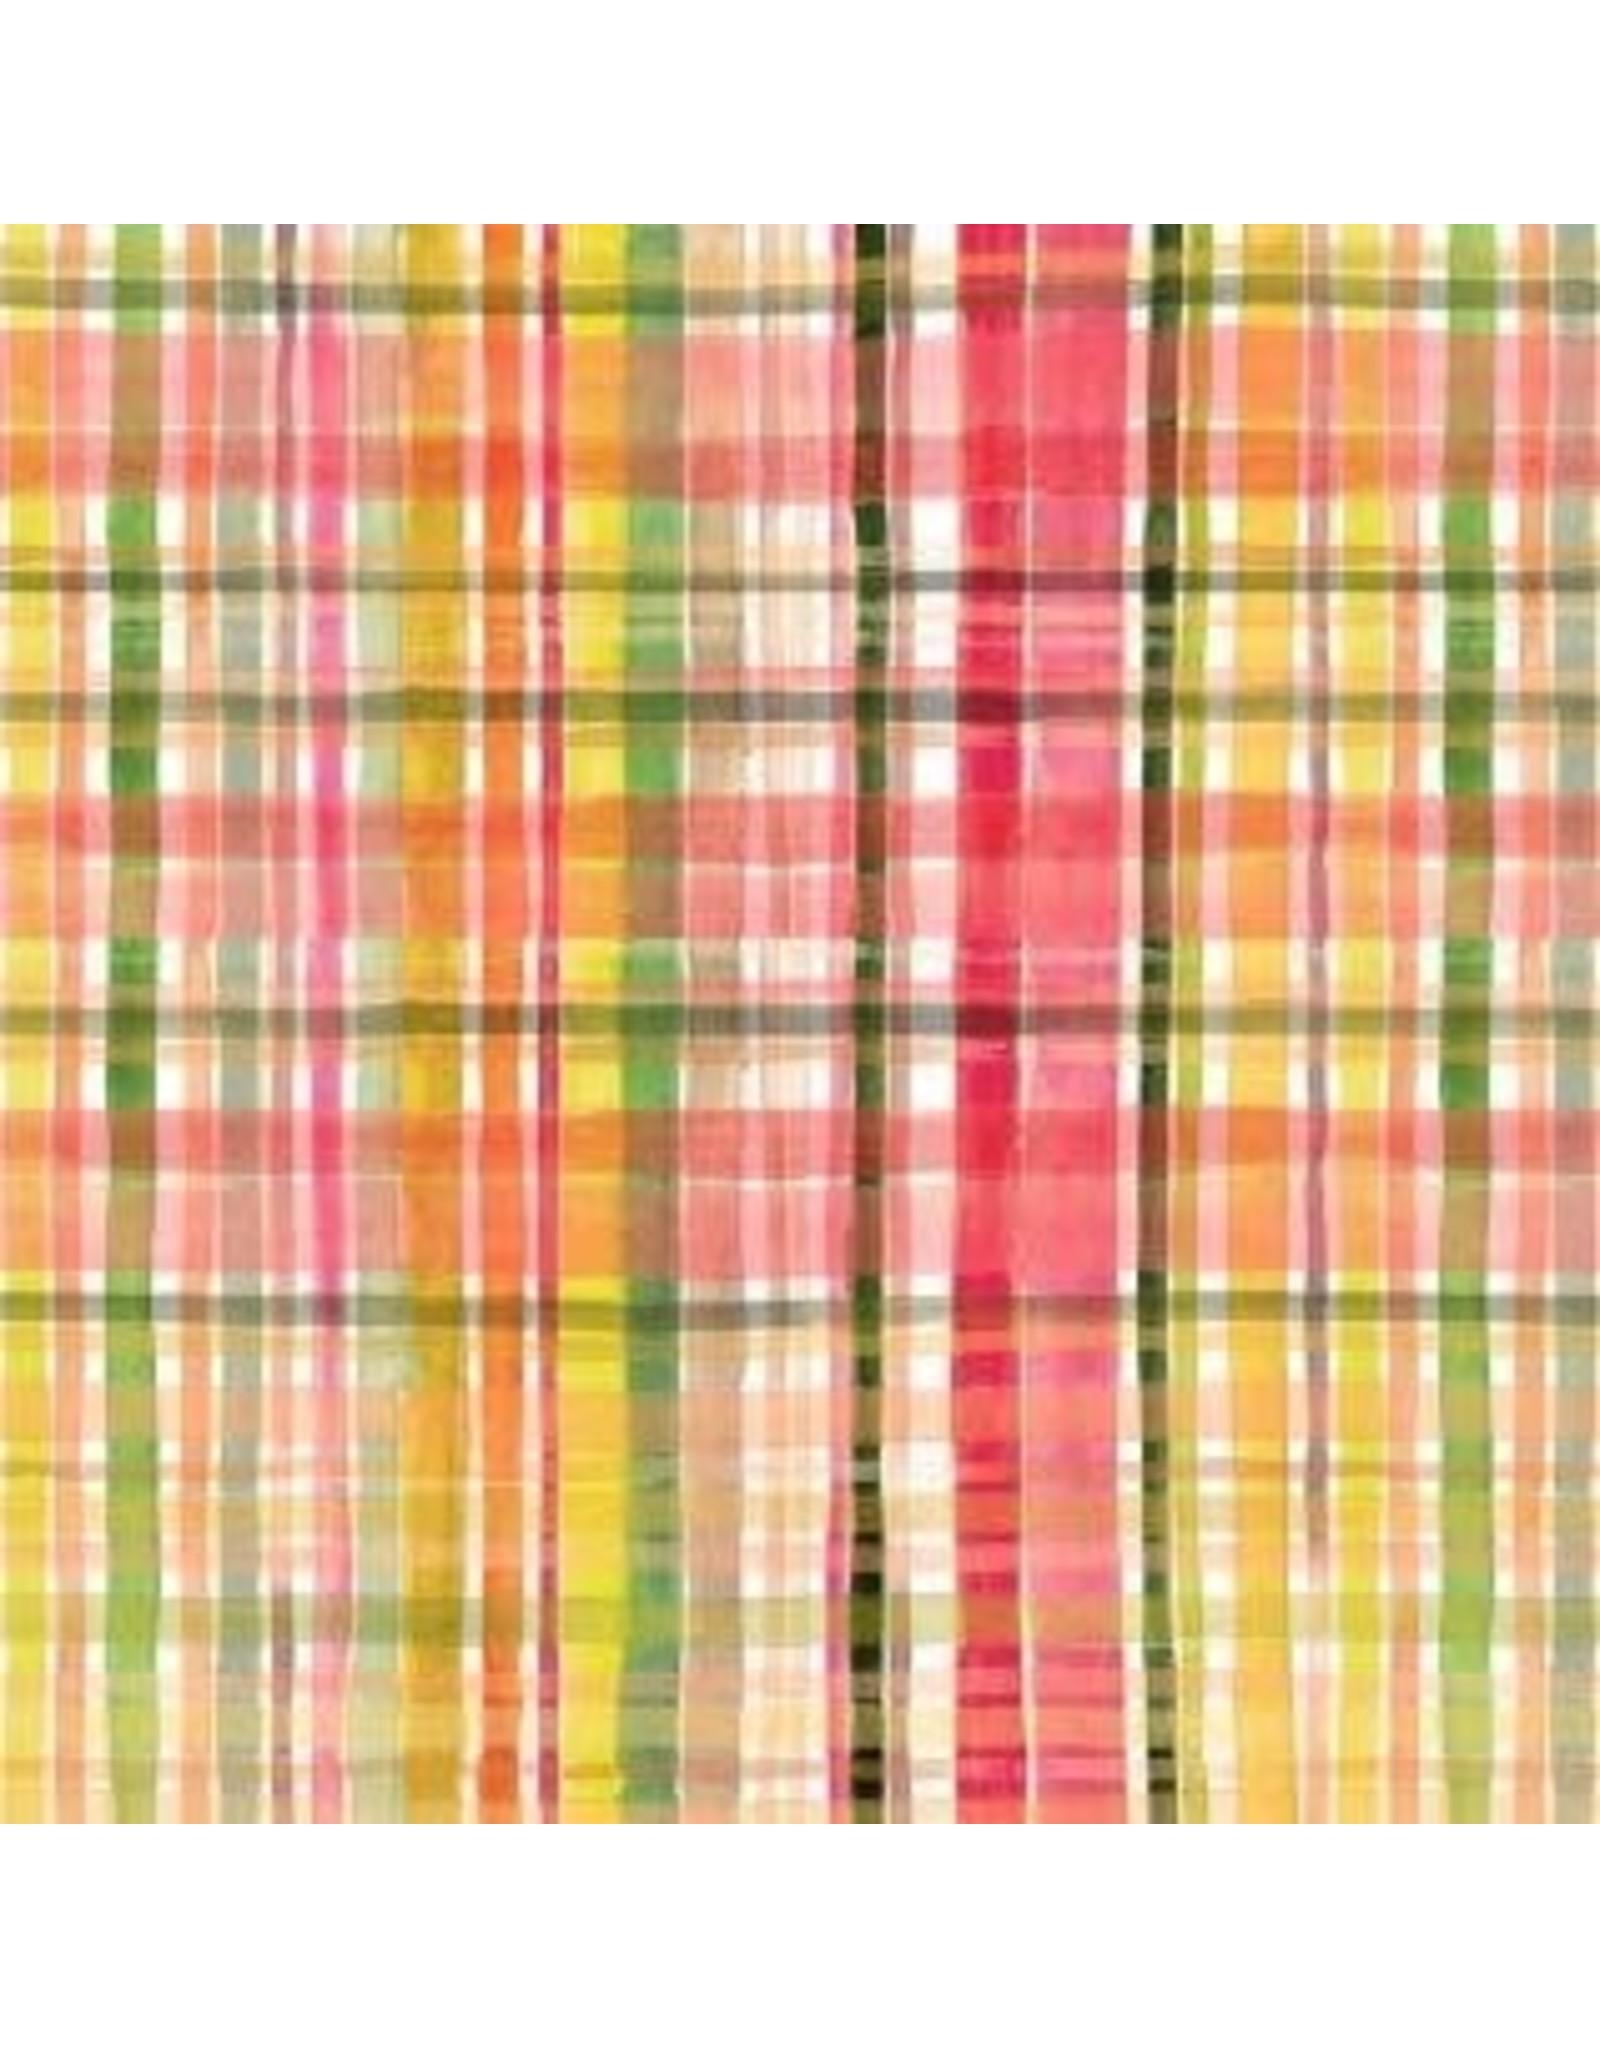 August Wren Falling for You, Fall Plaid in Multi, Fabric Half-Yards STELLA-DAW1577